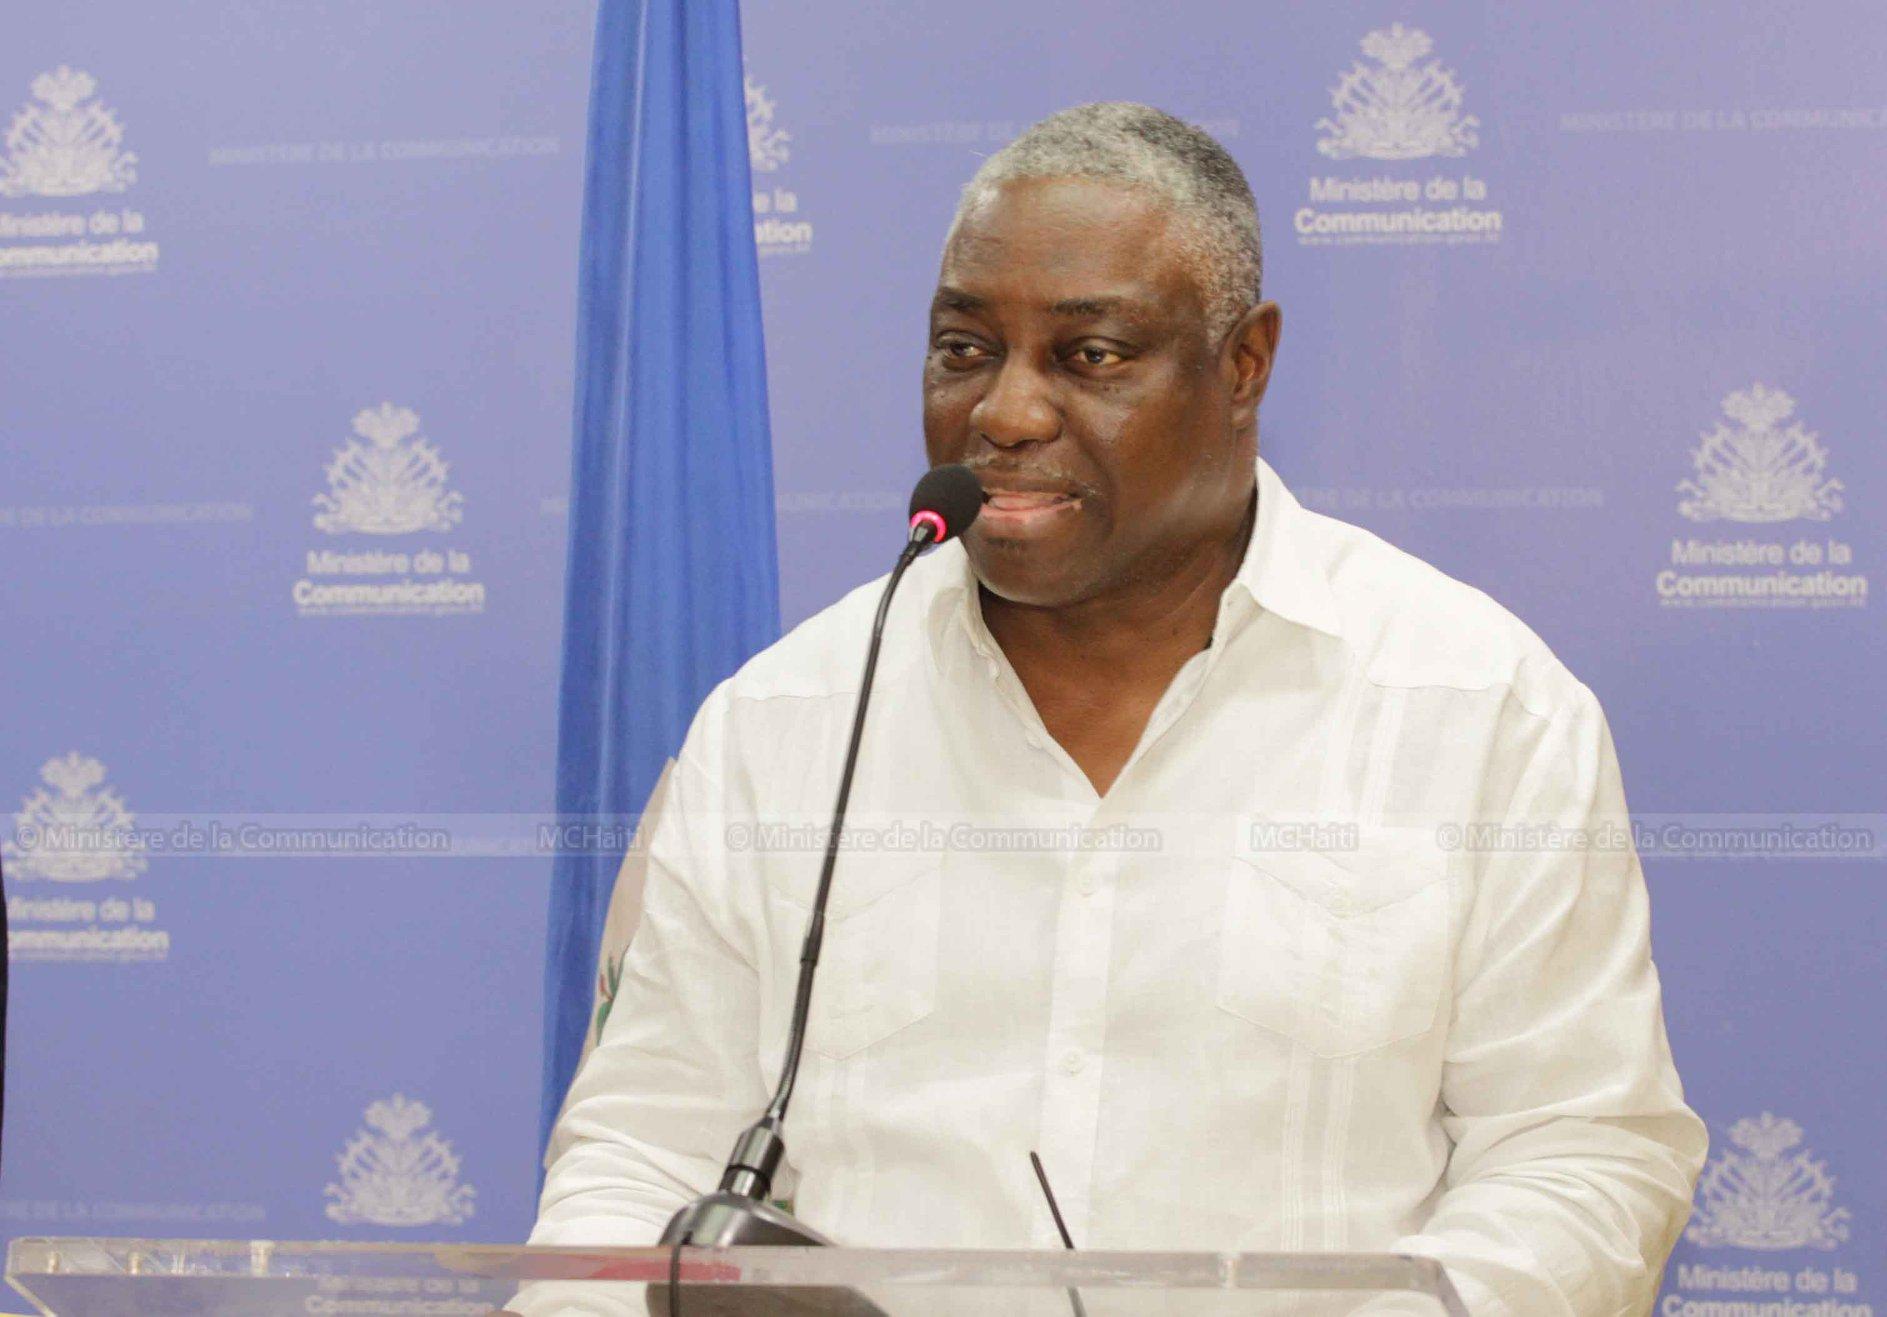 Le directeur de l'Electricité d'Etat d'Haïti Hervé Pierre-Louis.